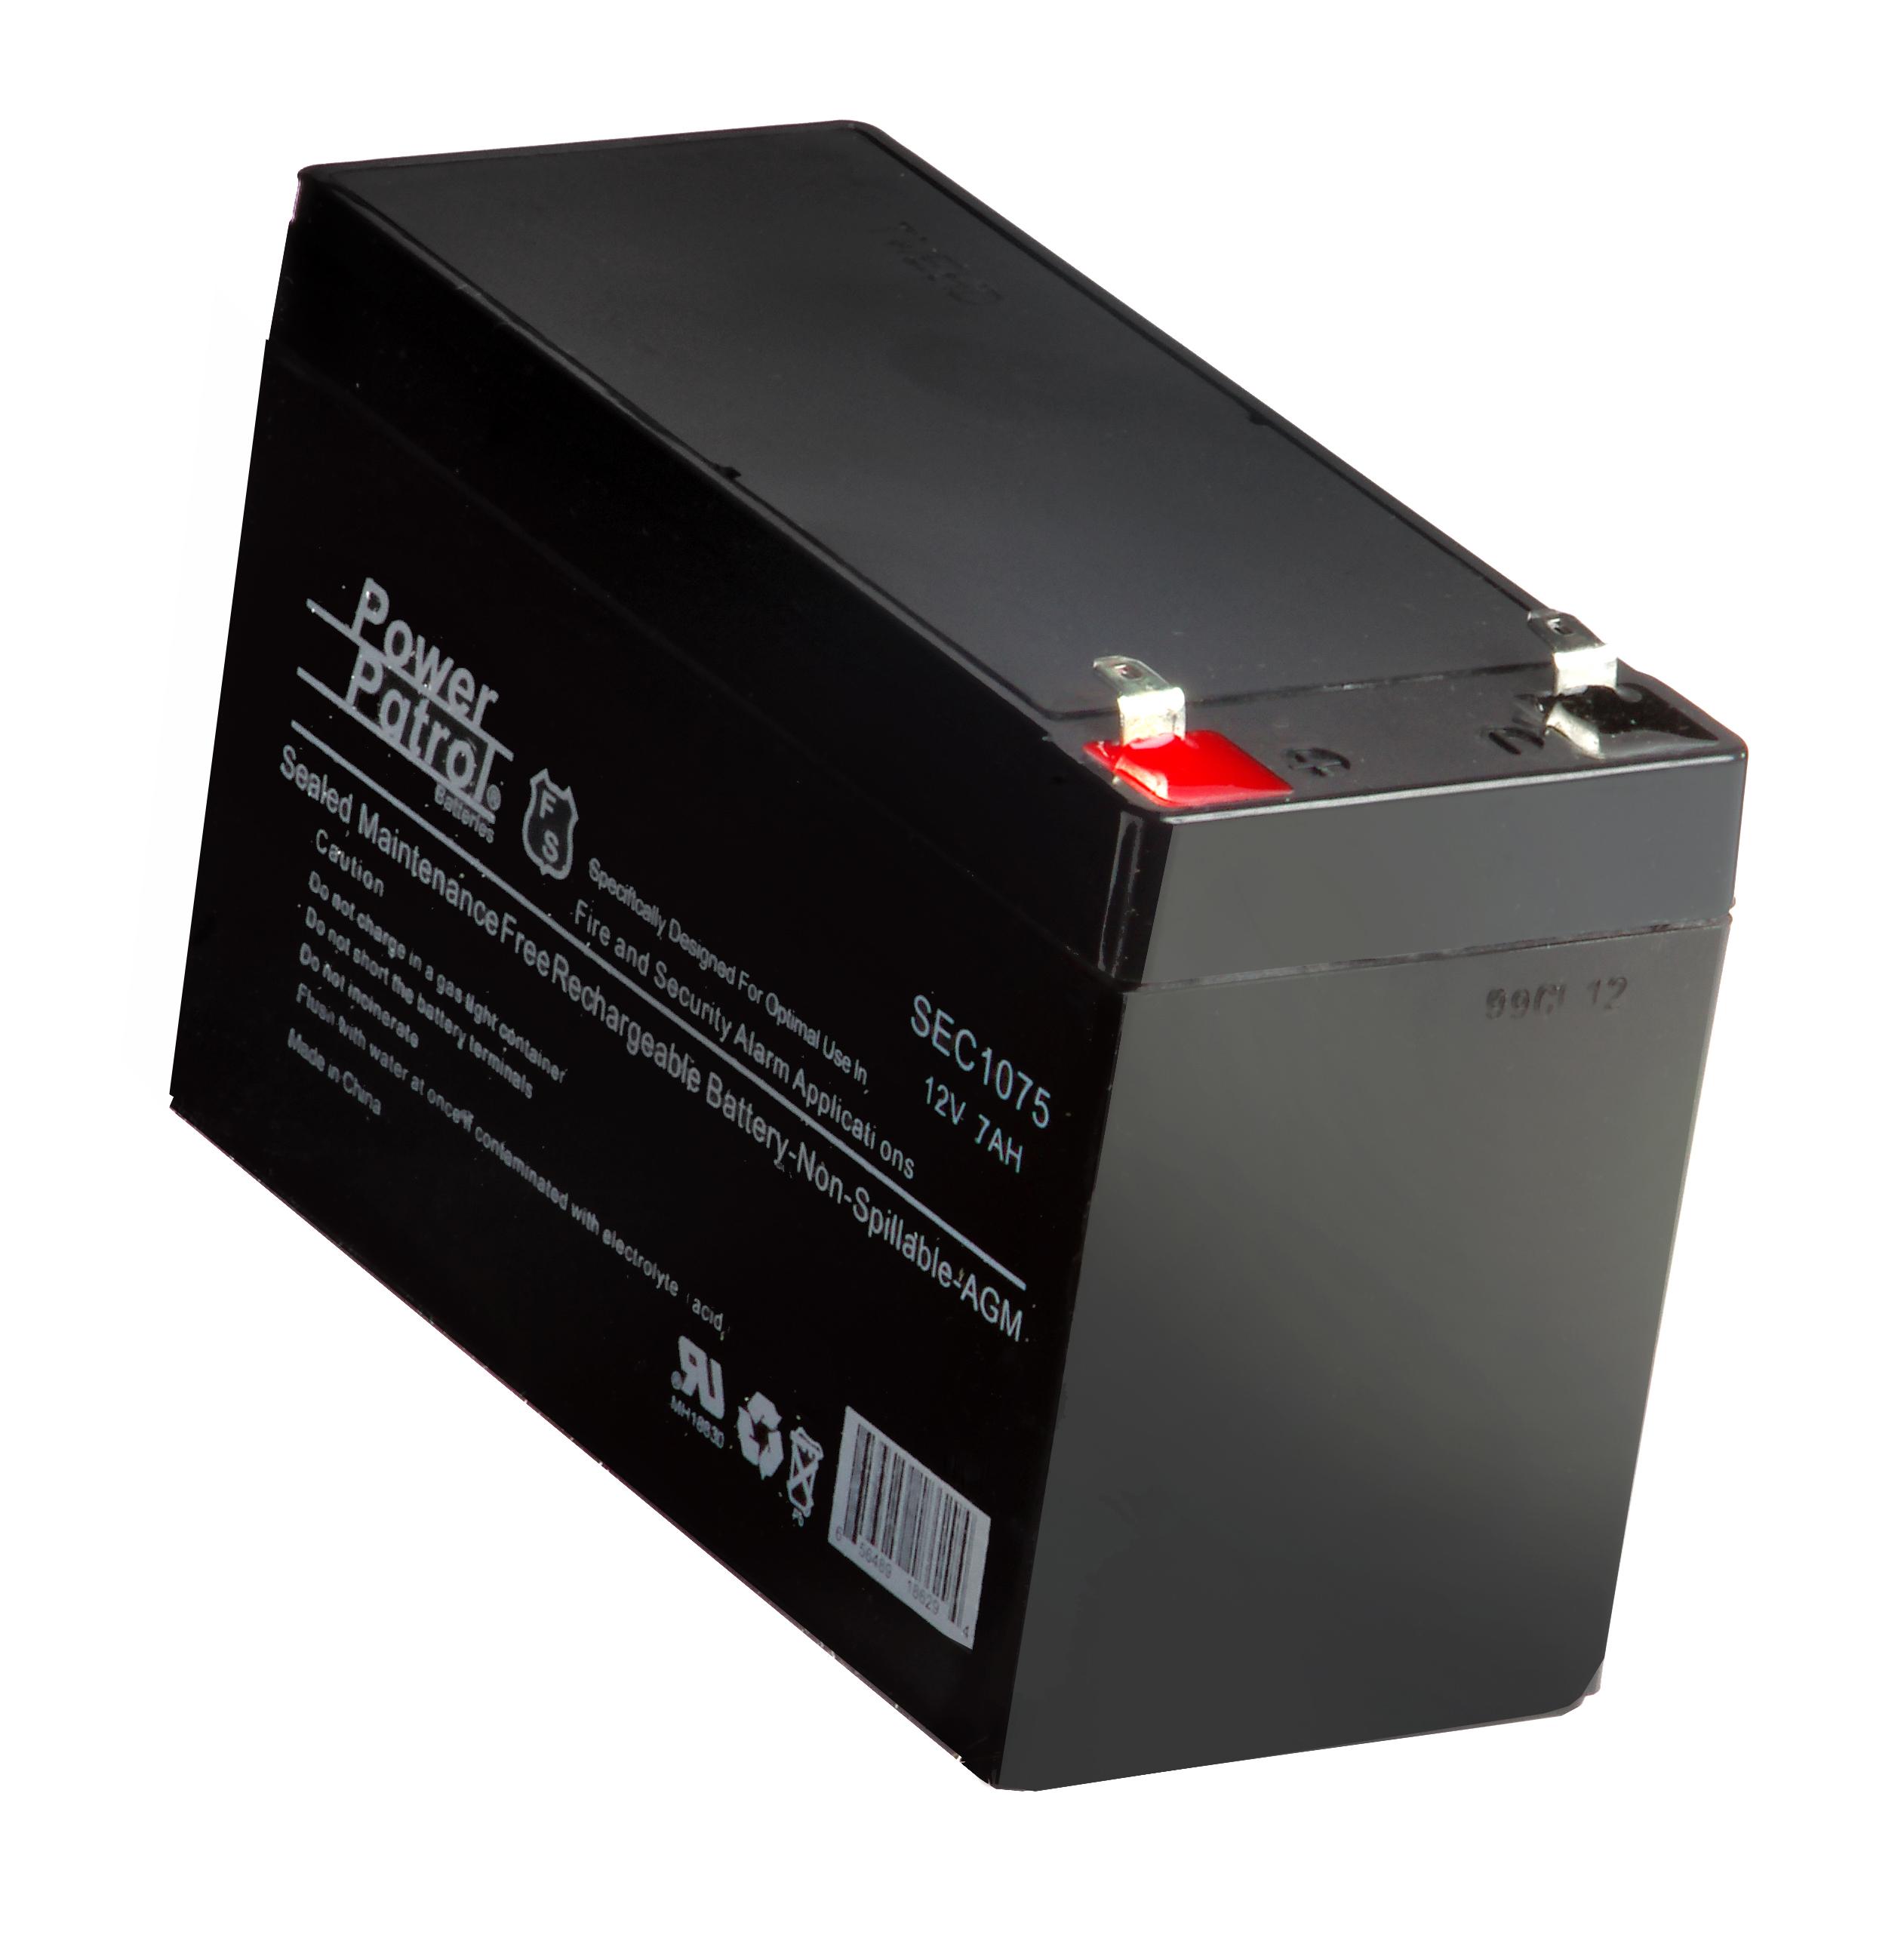 Rechargeable 12V Deer Feeder Battery - 12 Volt, 8 Amp-Hr